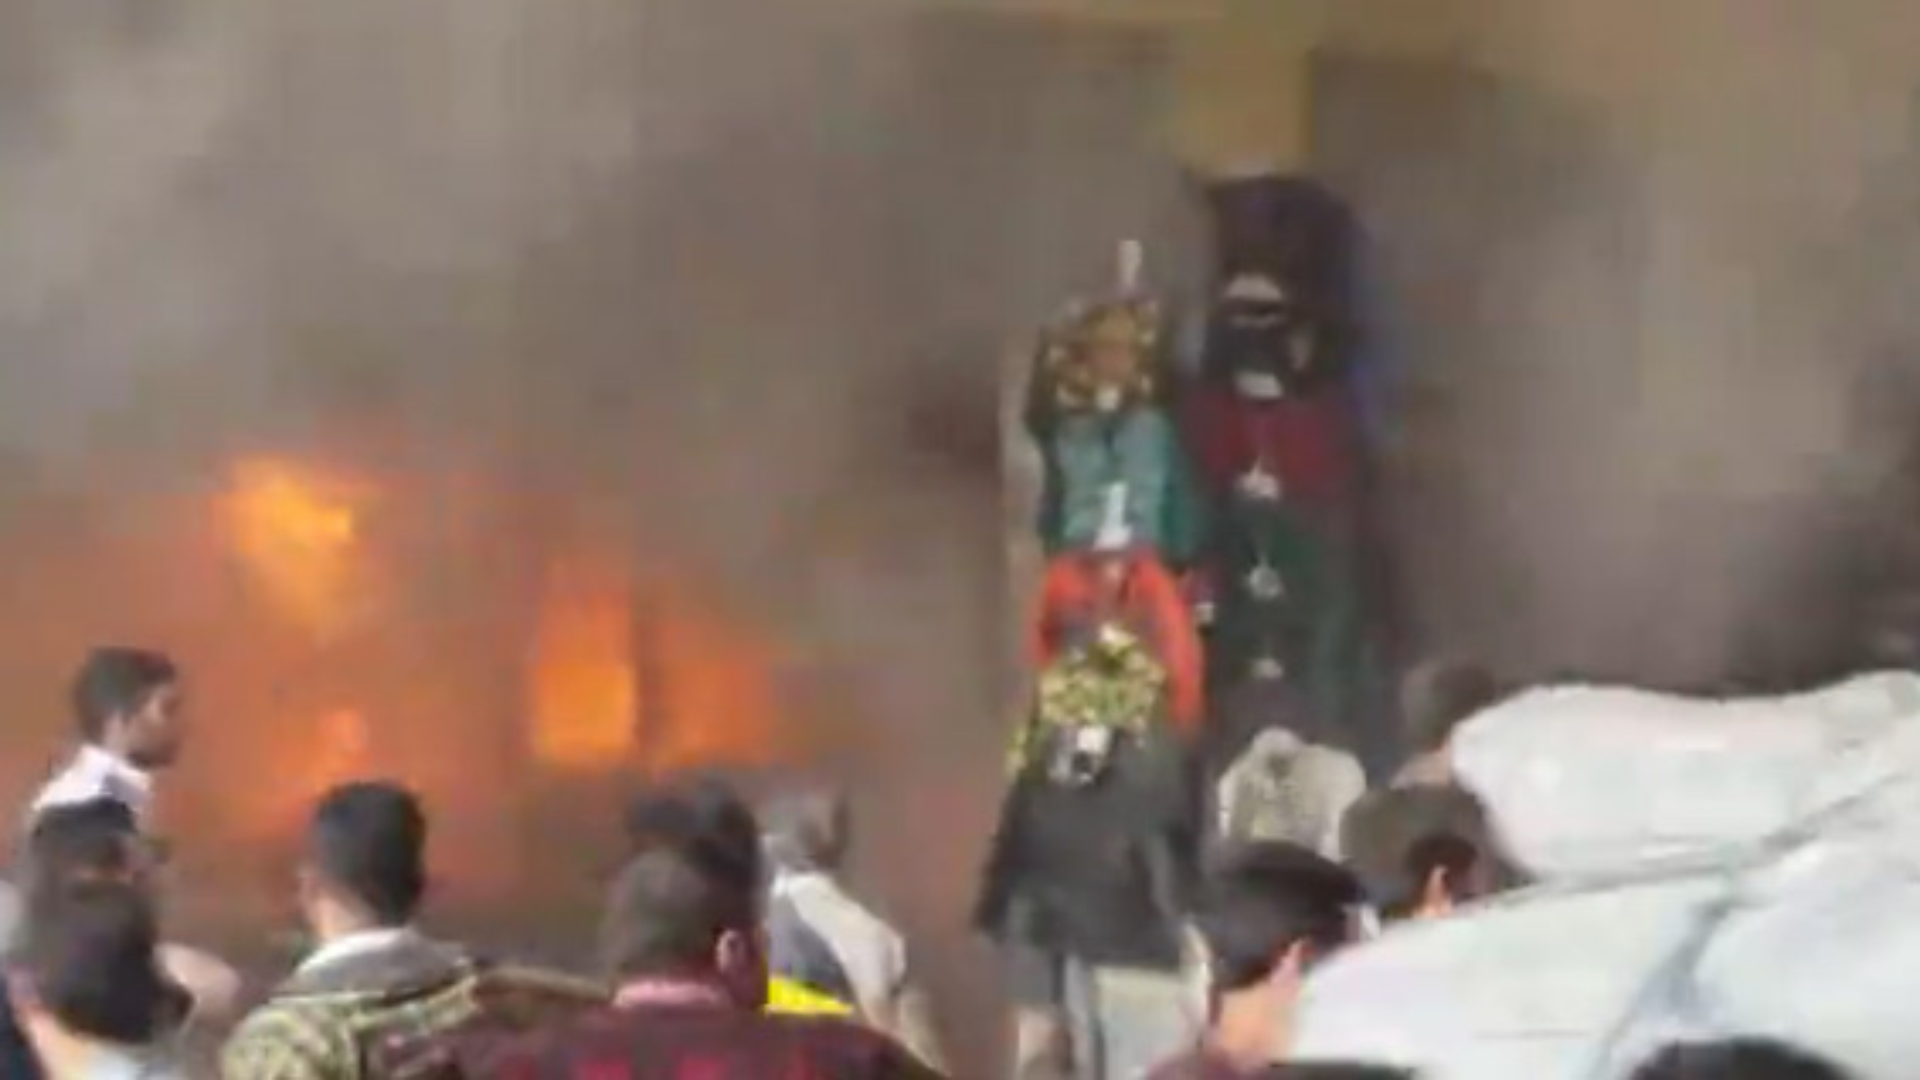 فیلم آتش سوزی گسترده در پاساژ موج تهران